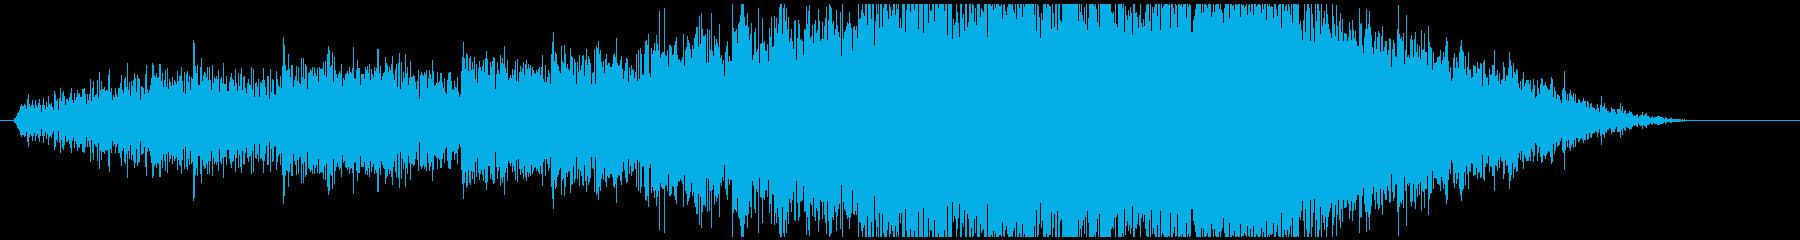 電気研究所暗い空間。科学技術発見の...の再生済みの波形